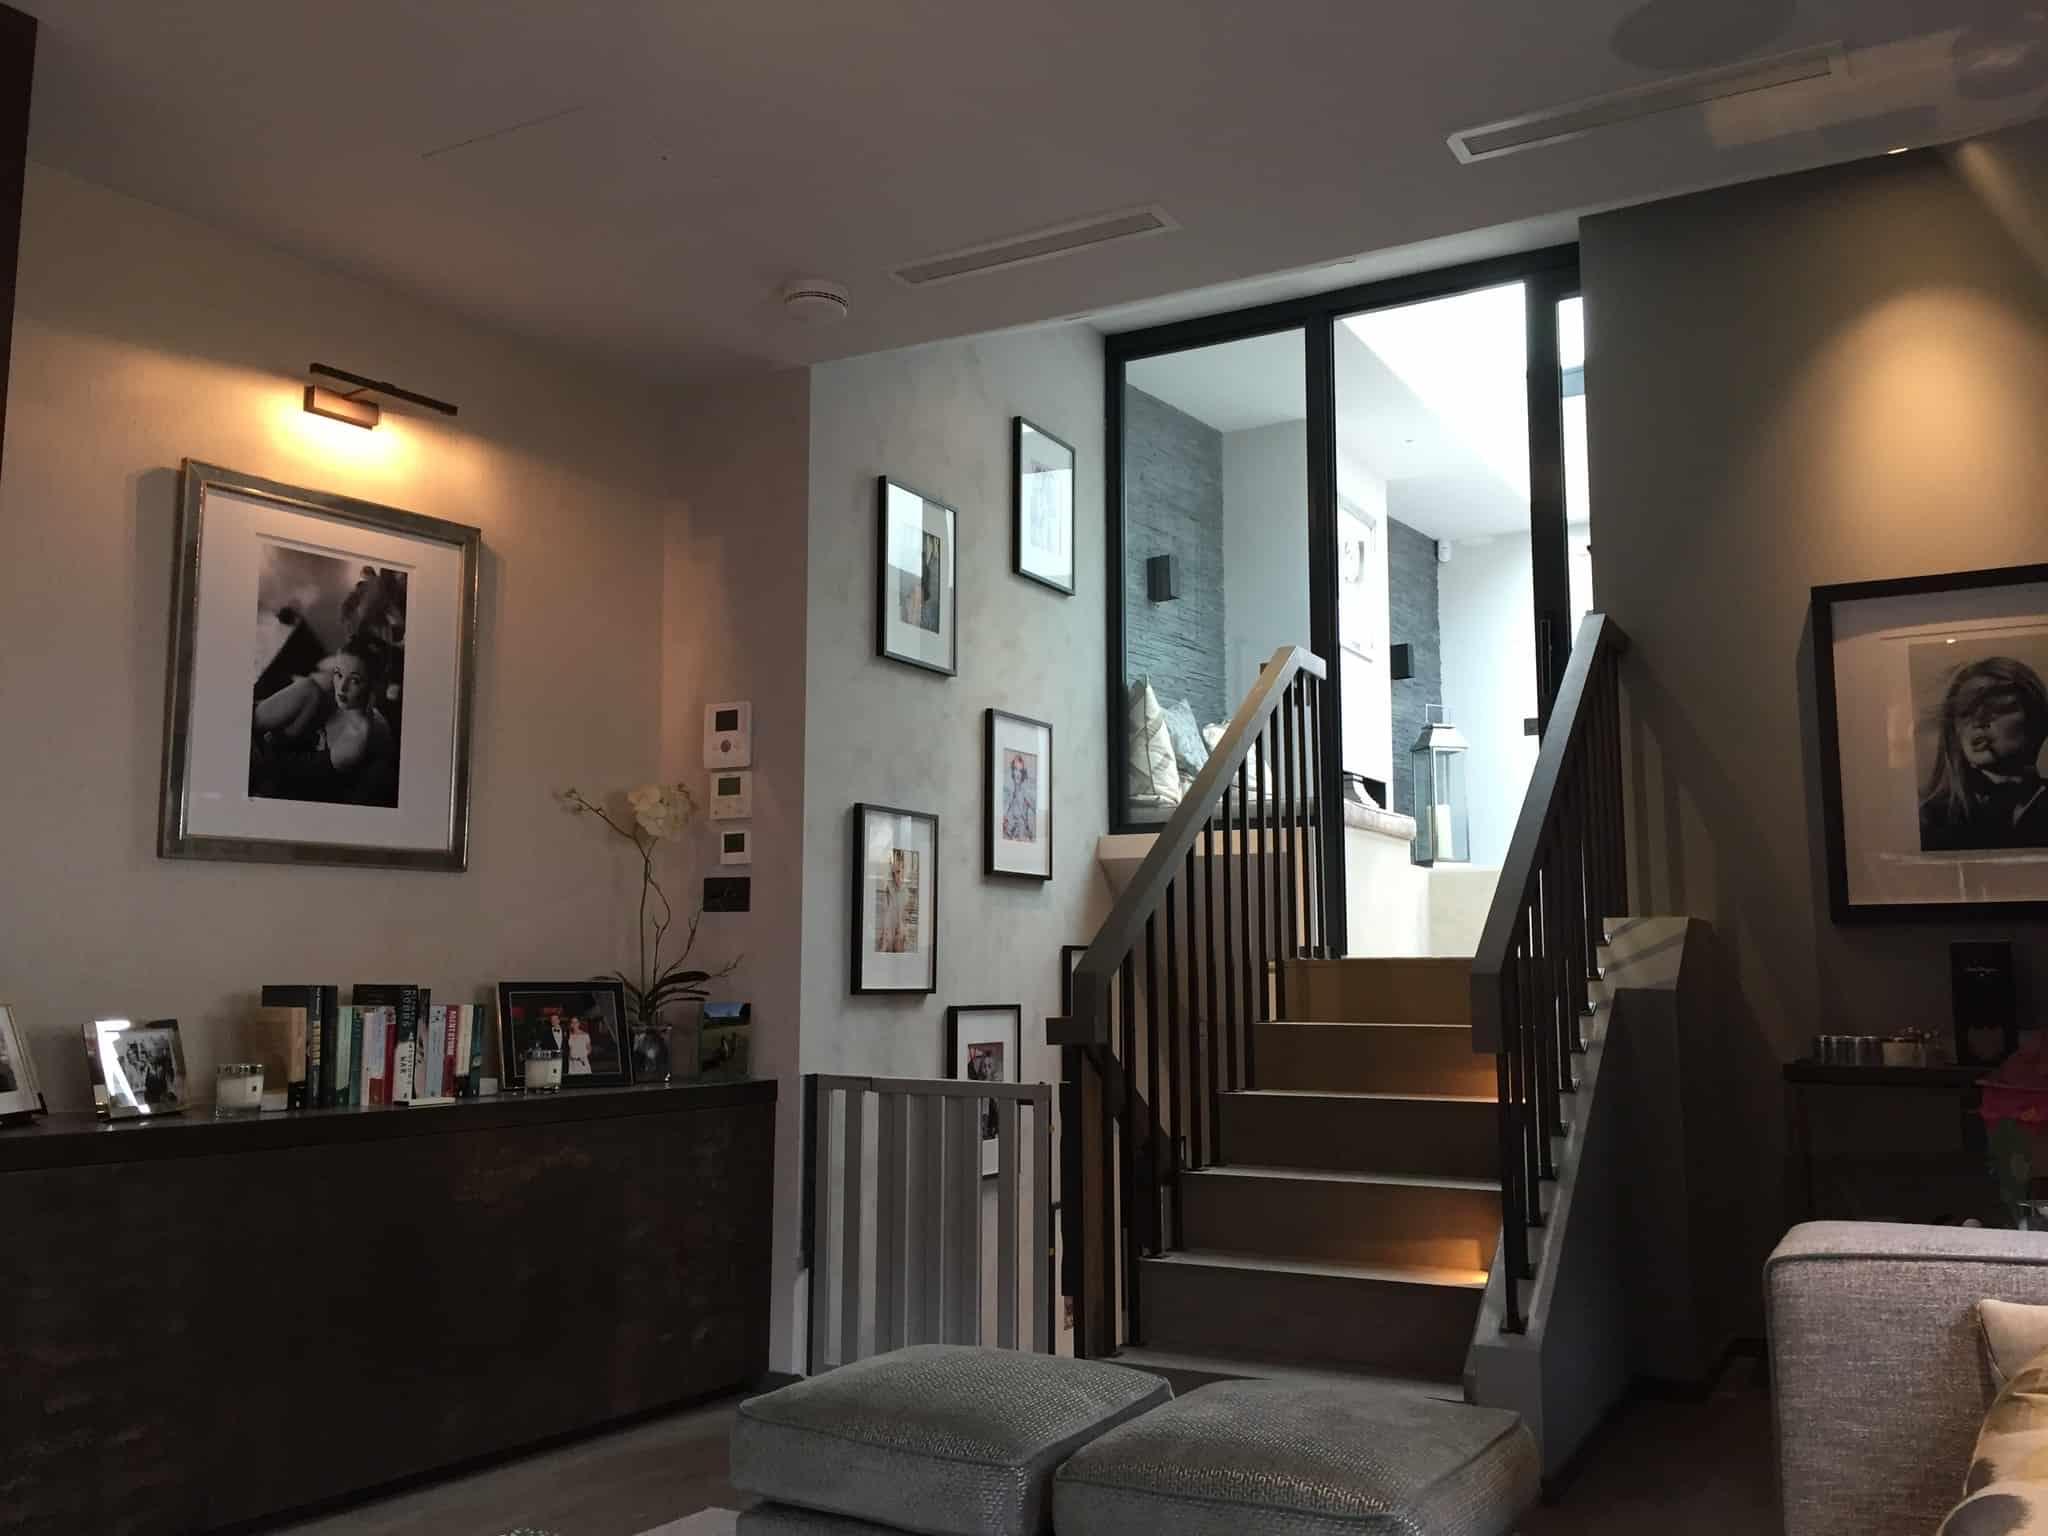 Basement Conversions - living room